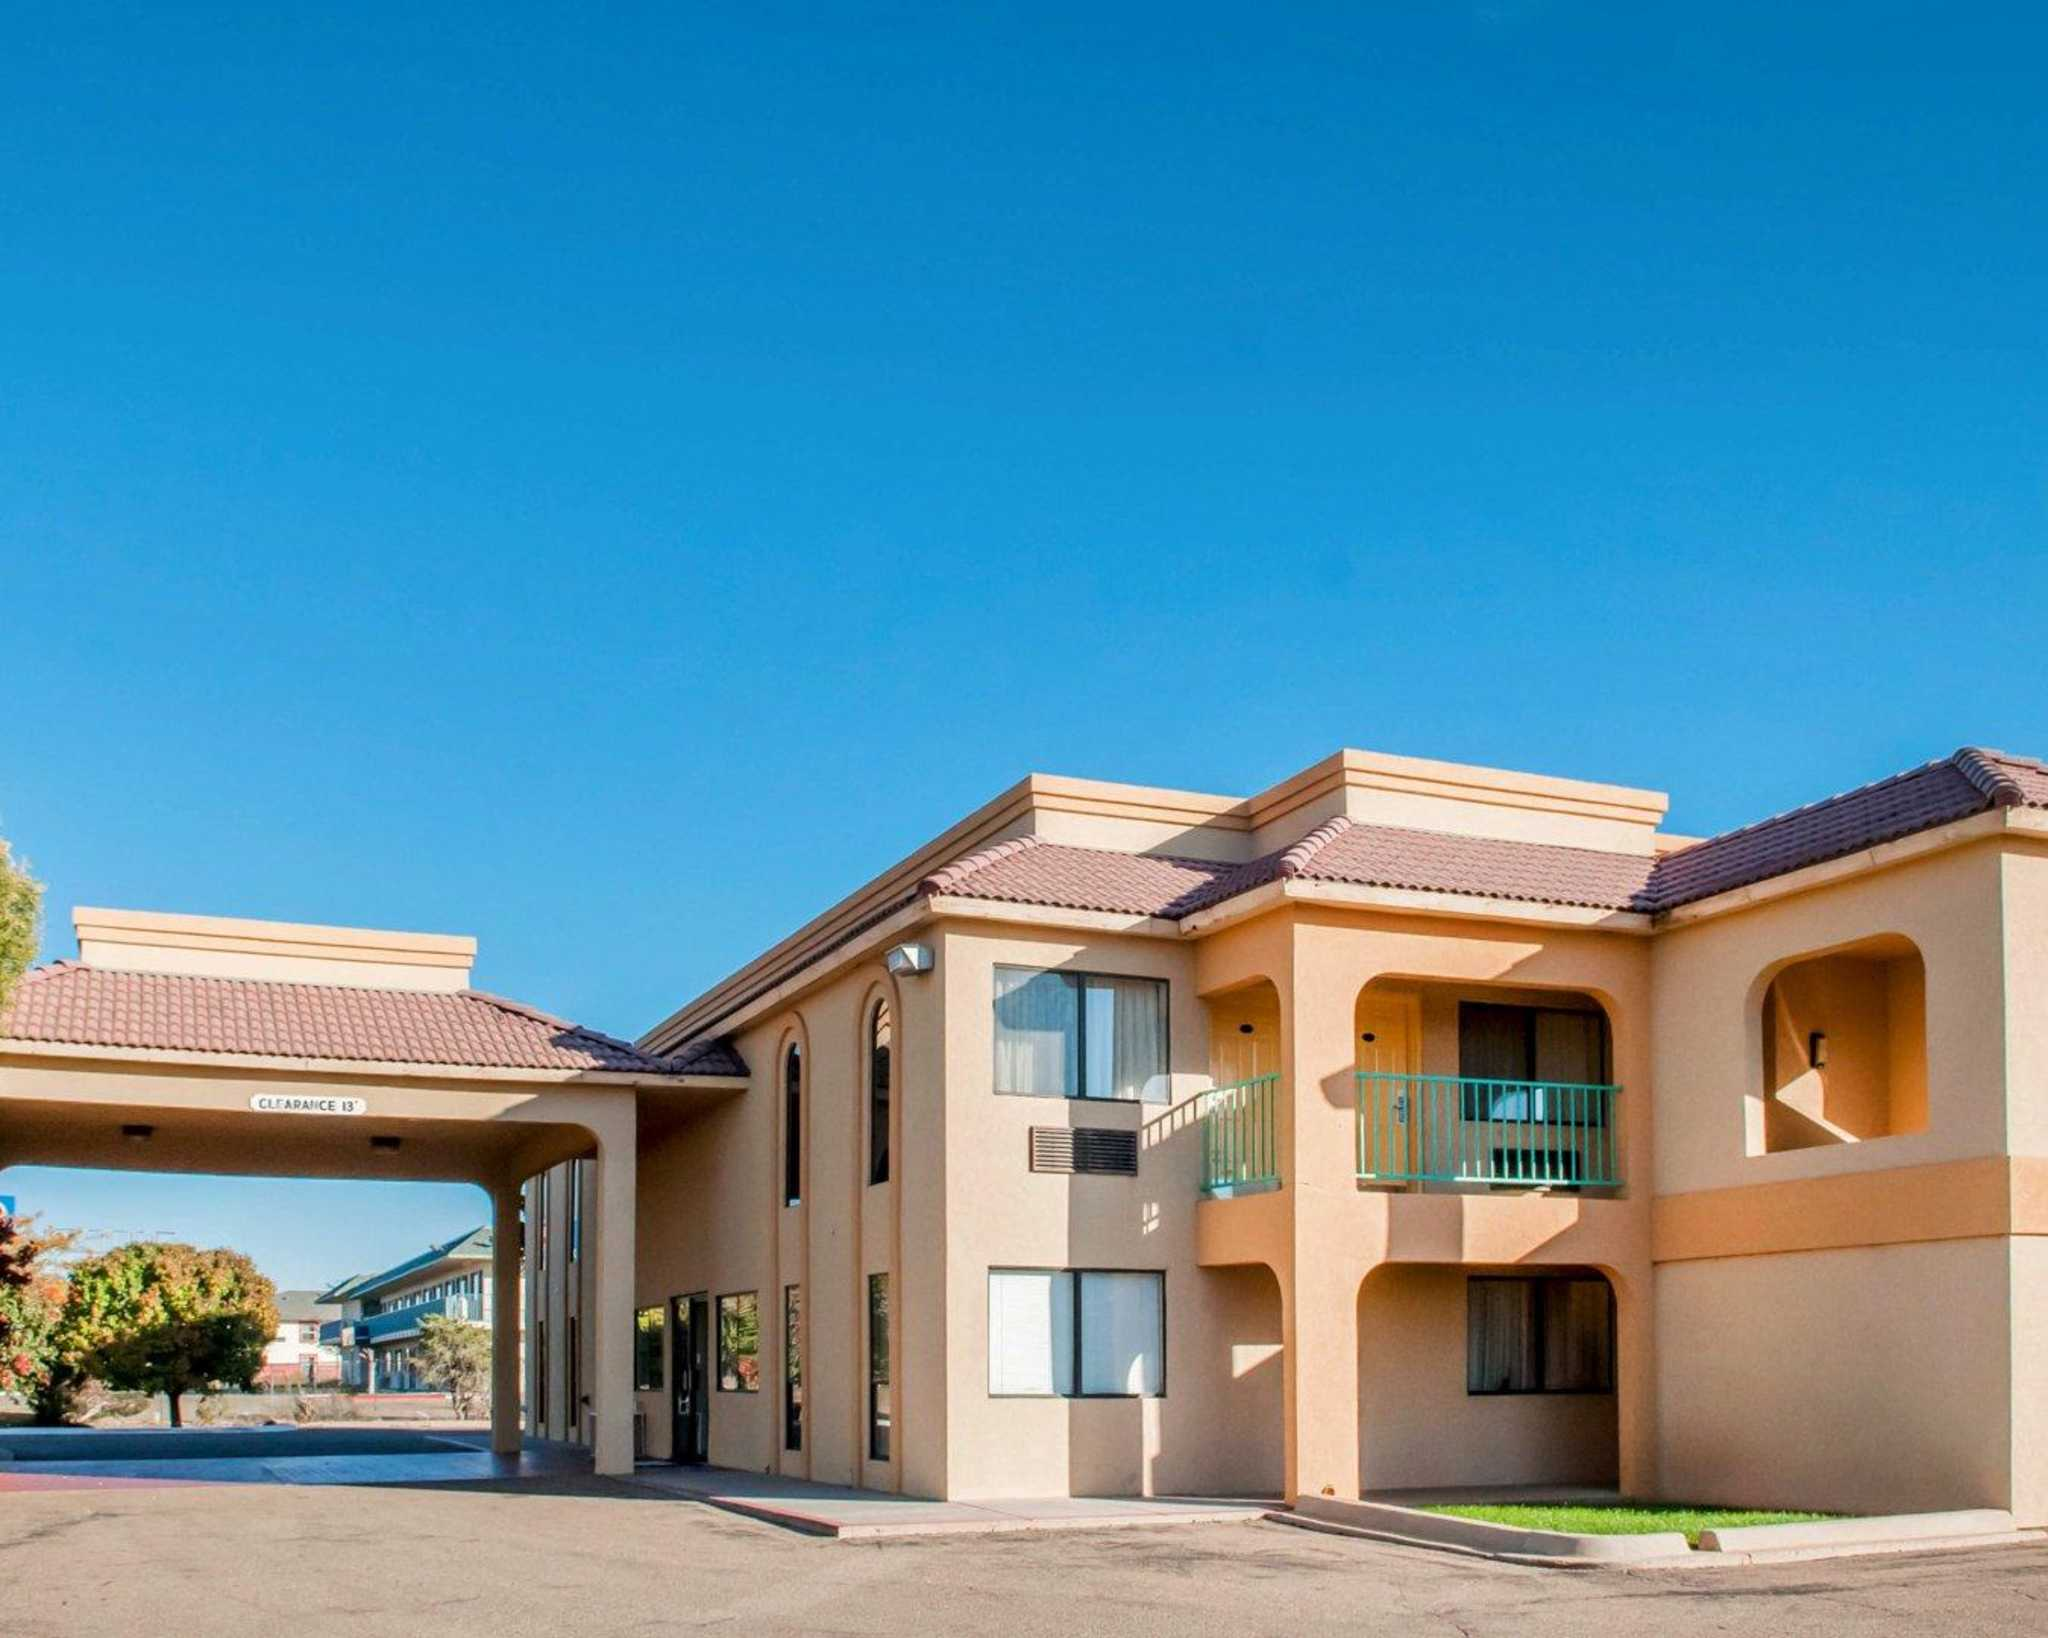 Hotels Near Tucumcari Nm